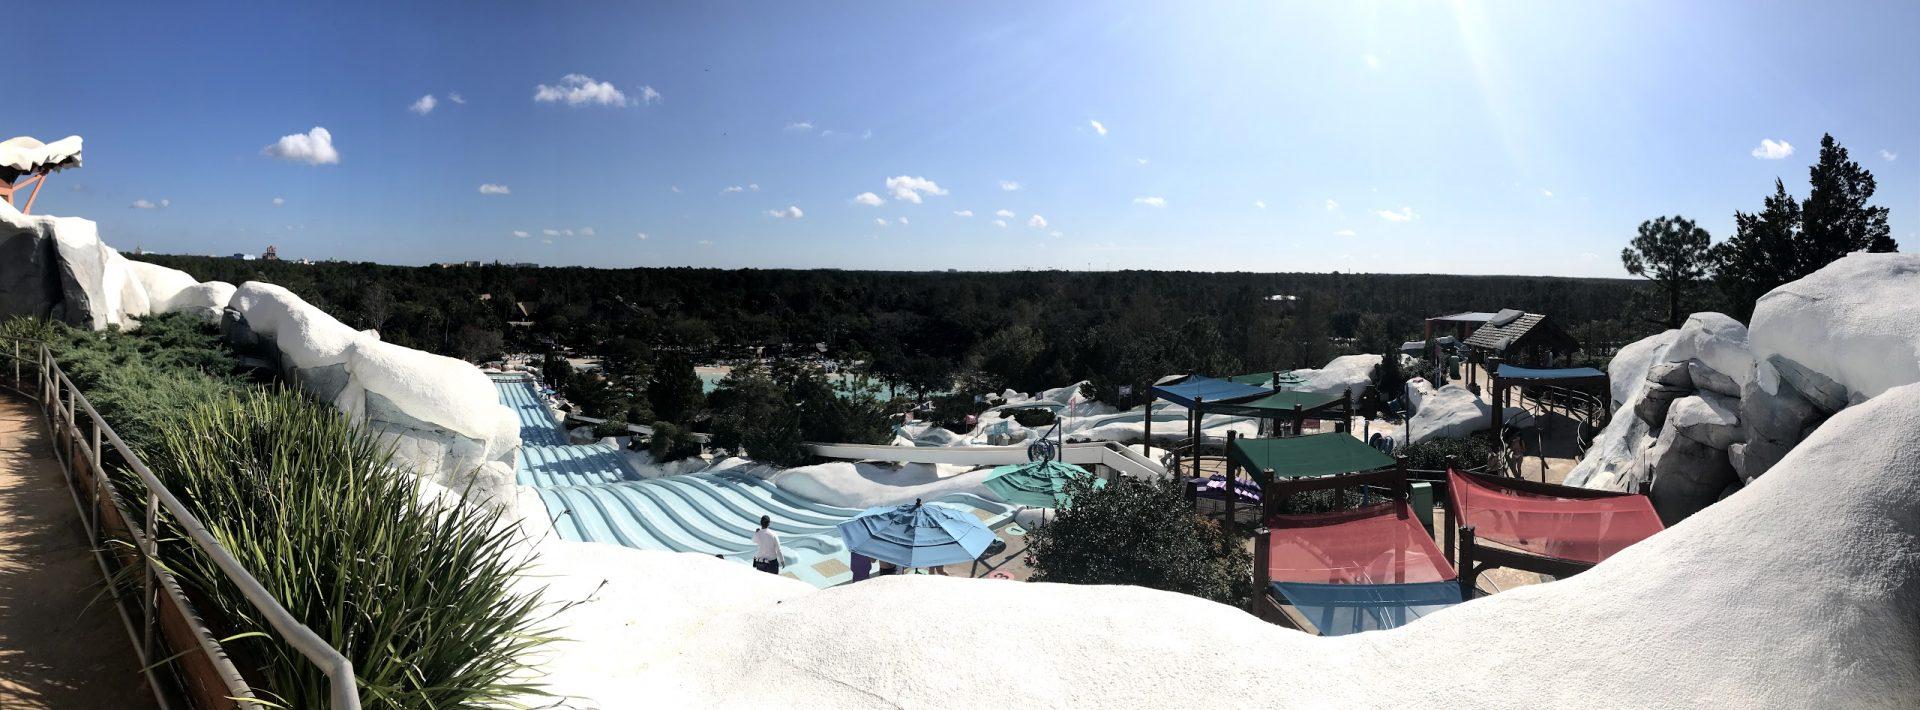 blizzard-beach-slides